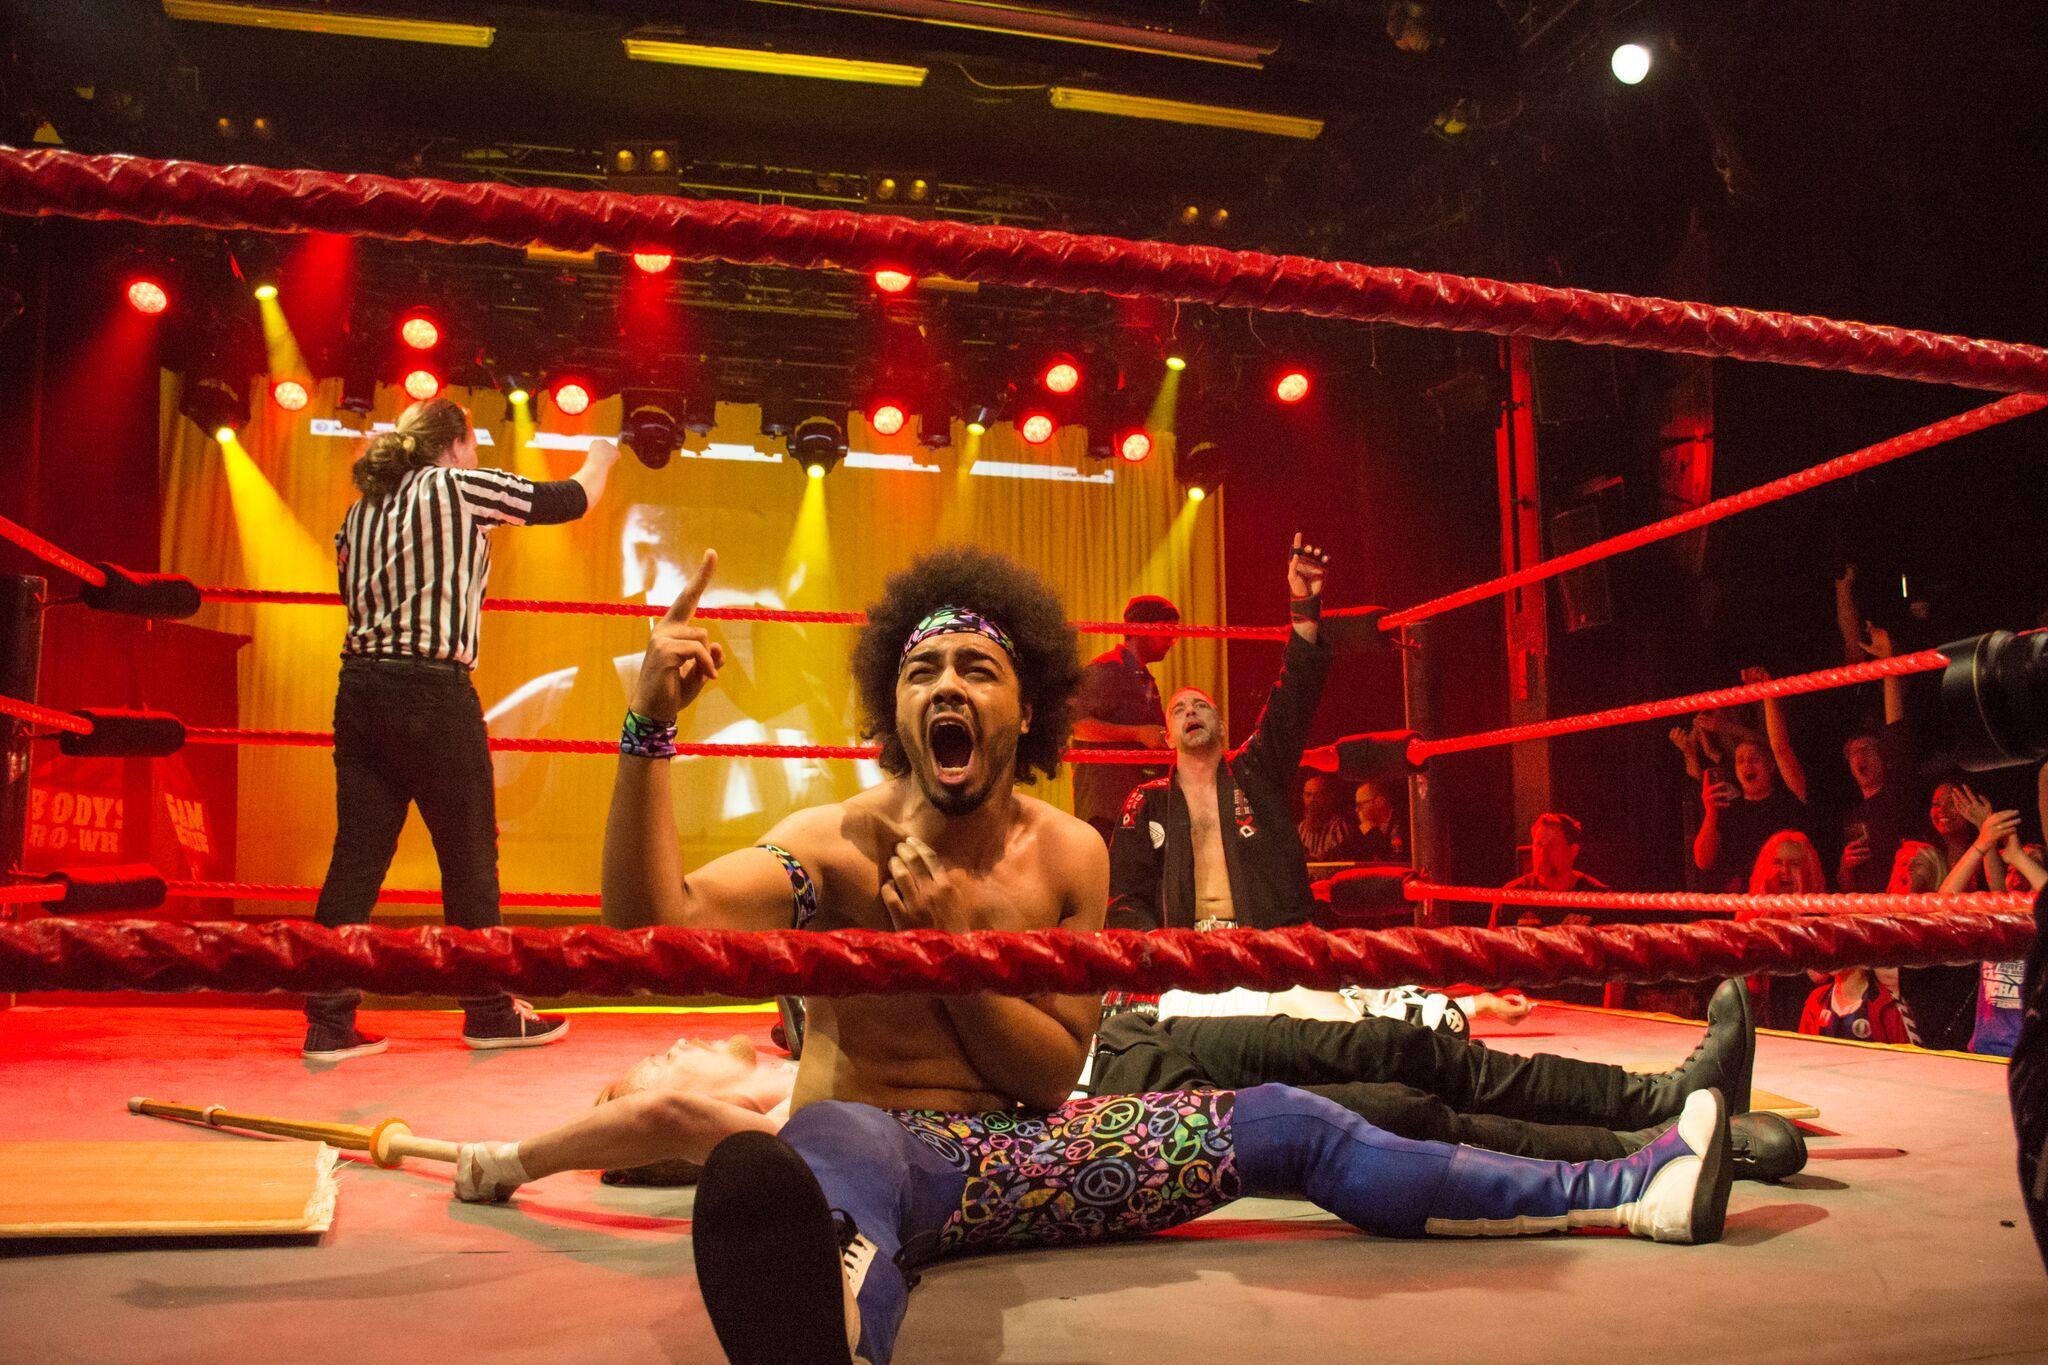 Aalborgs egen Matthew Burnett er også klar i ringen. Privatfoto: Christopher Thomsen